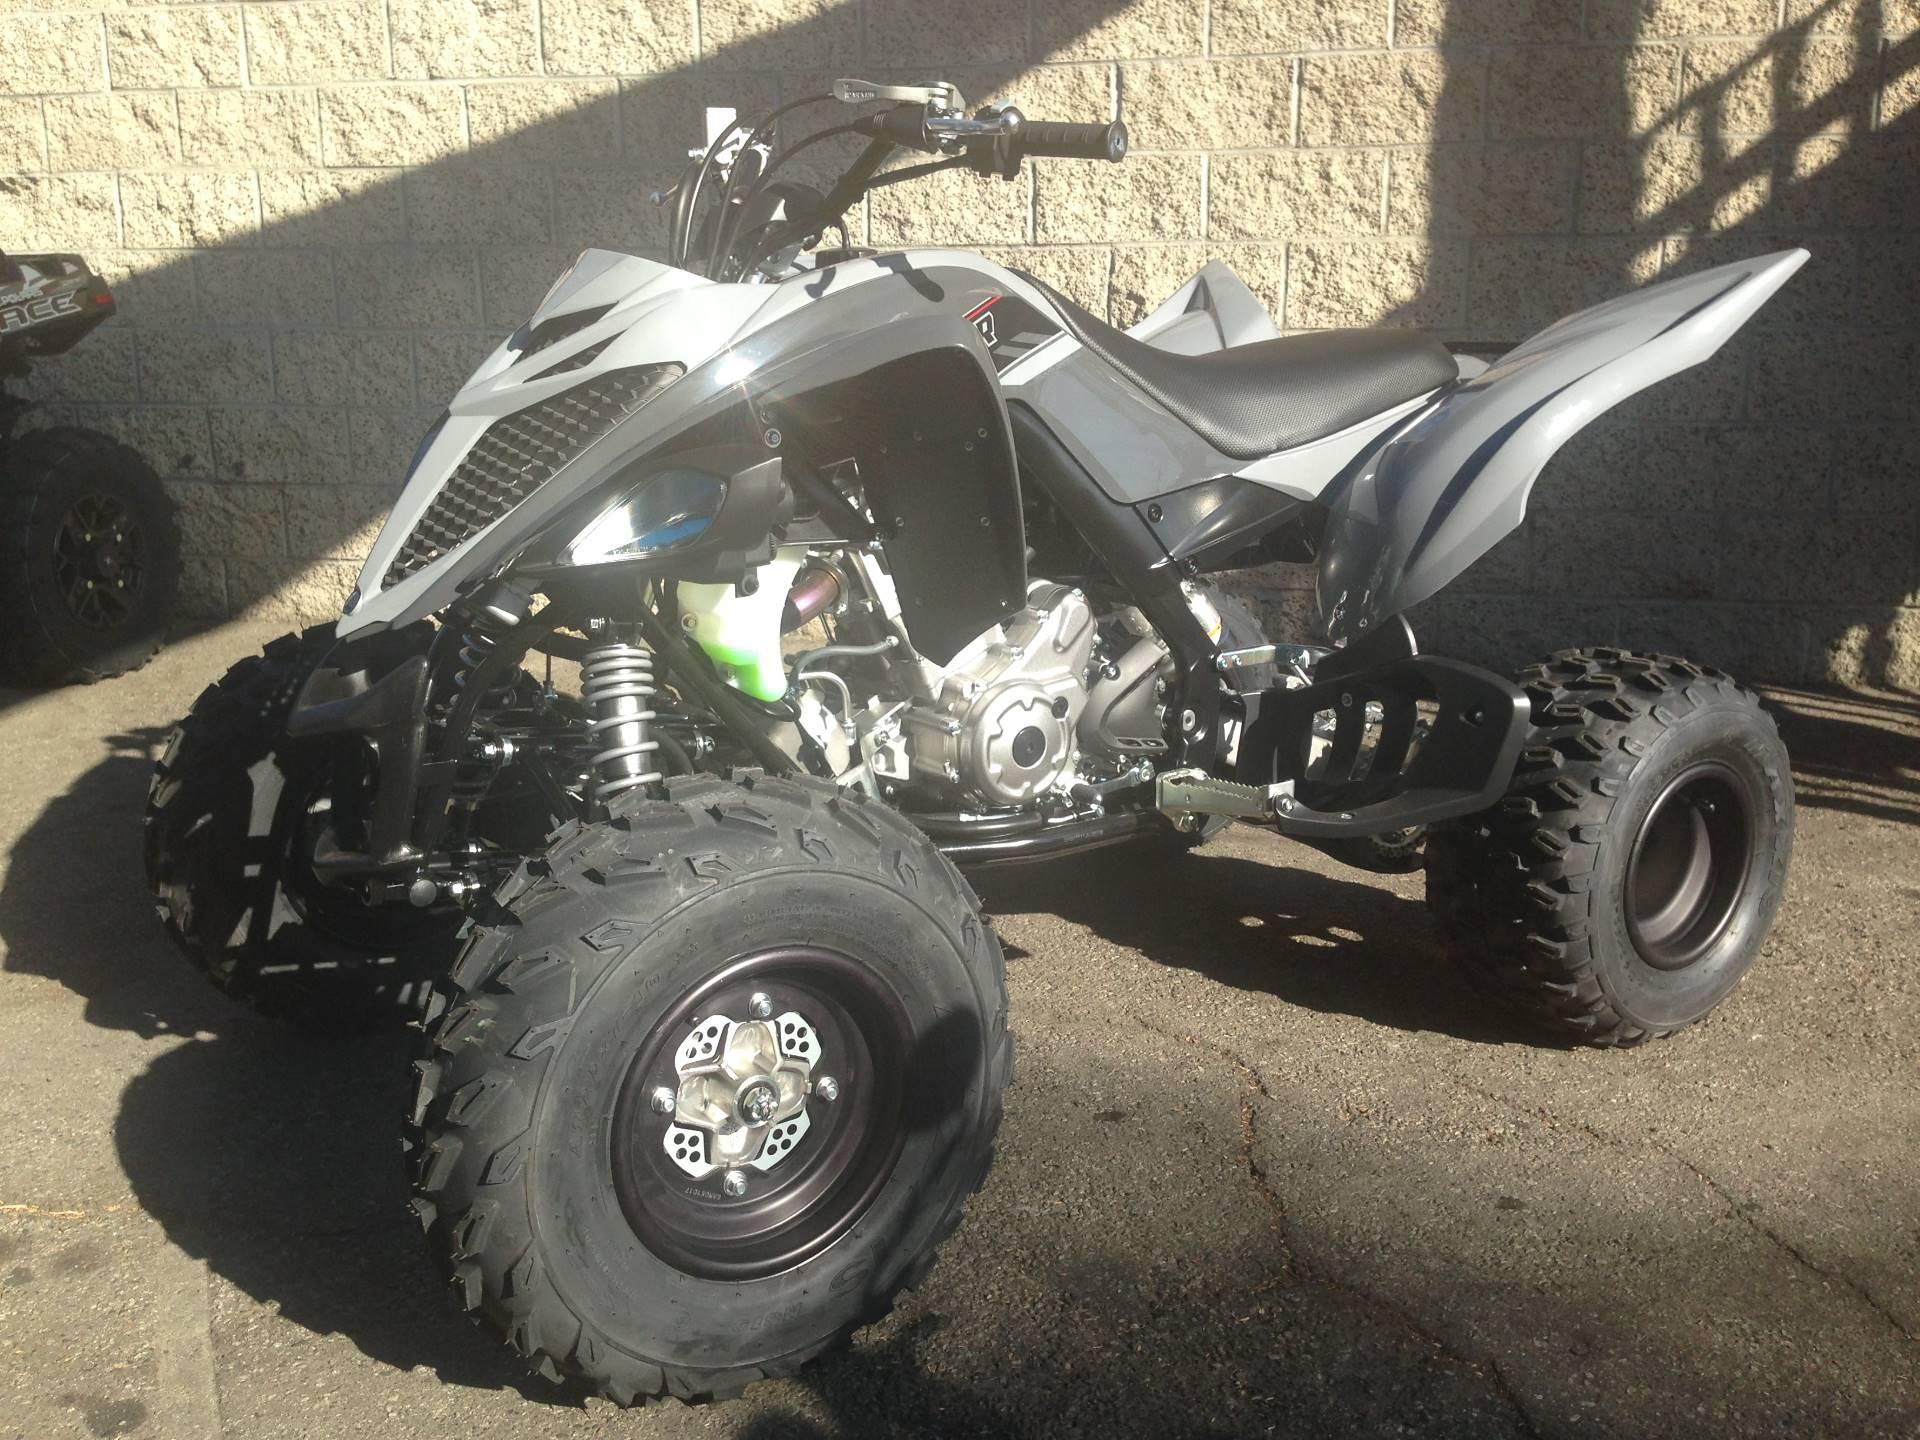 2018 Yamaha Raptor 700 for sale 96439